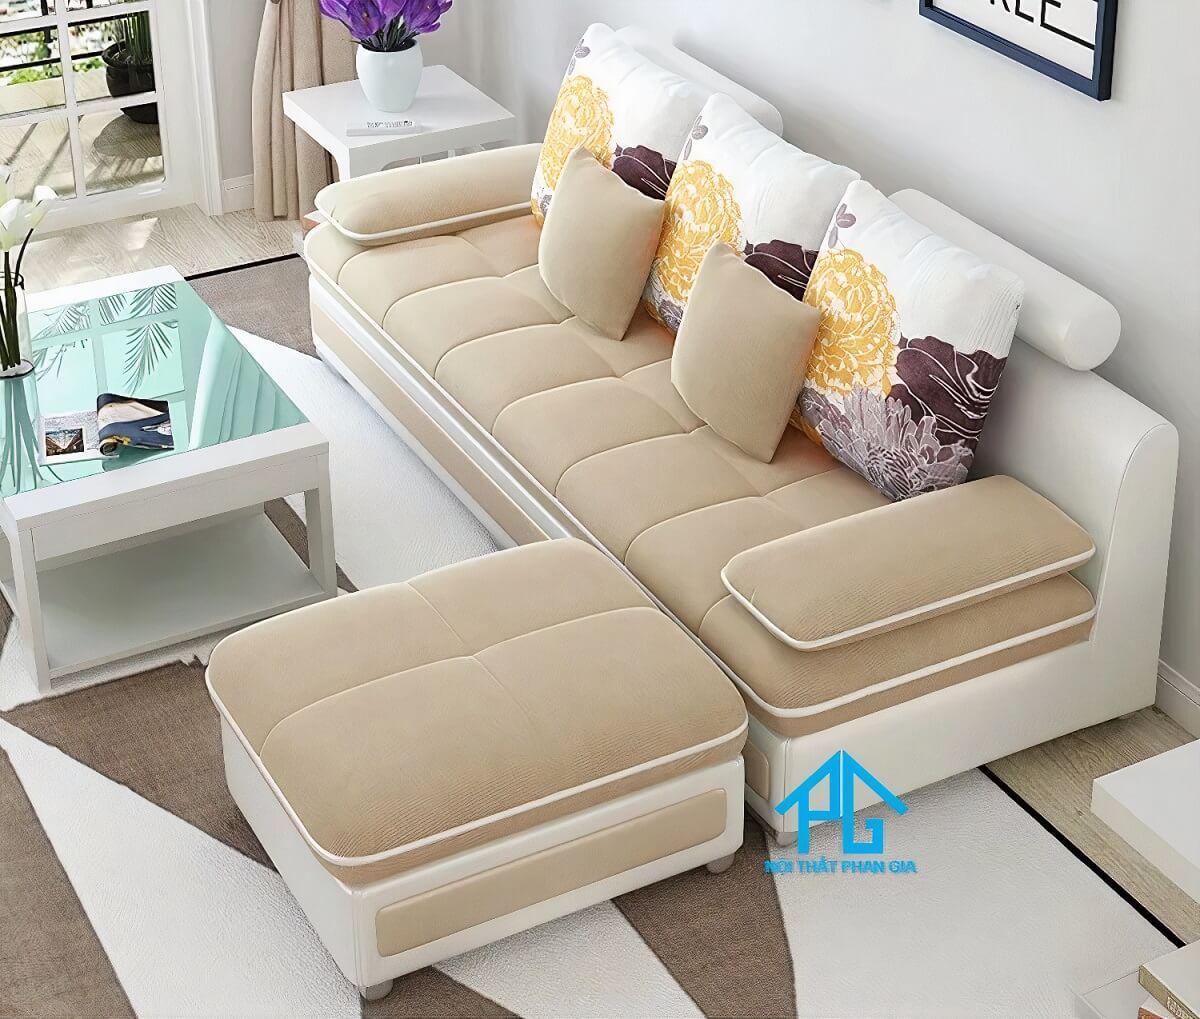 khuyến mãi sofa băng vải nhung tphcm